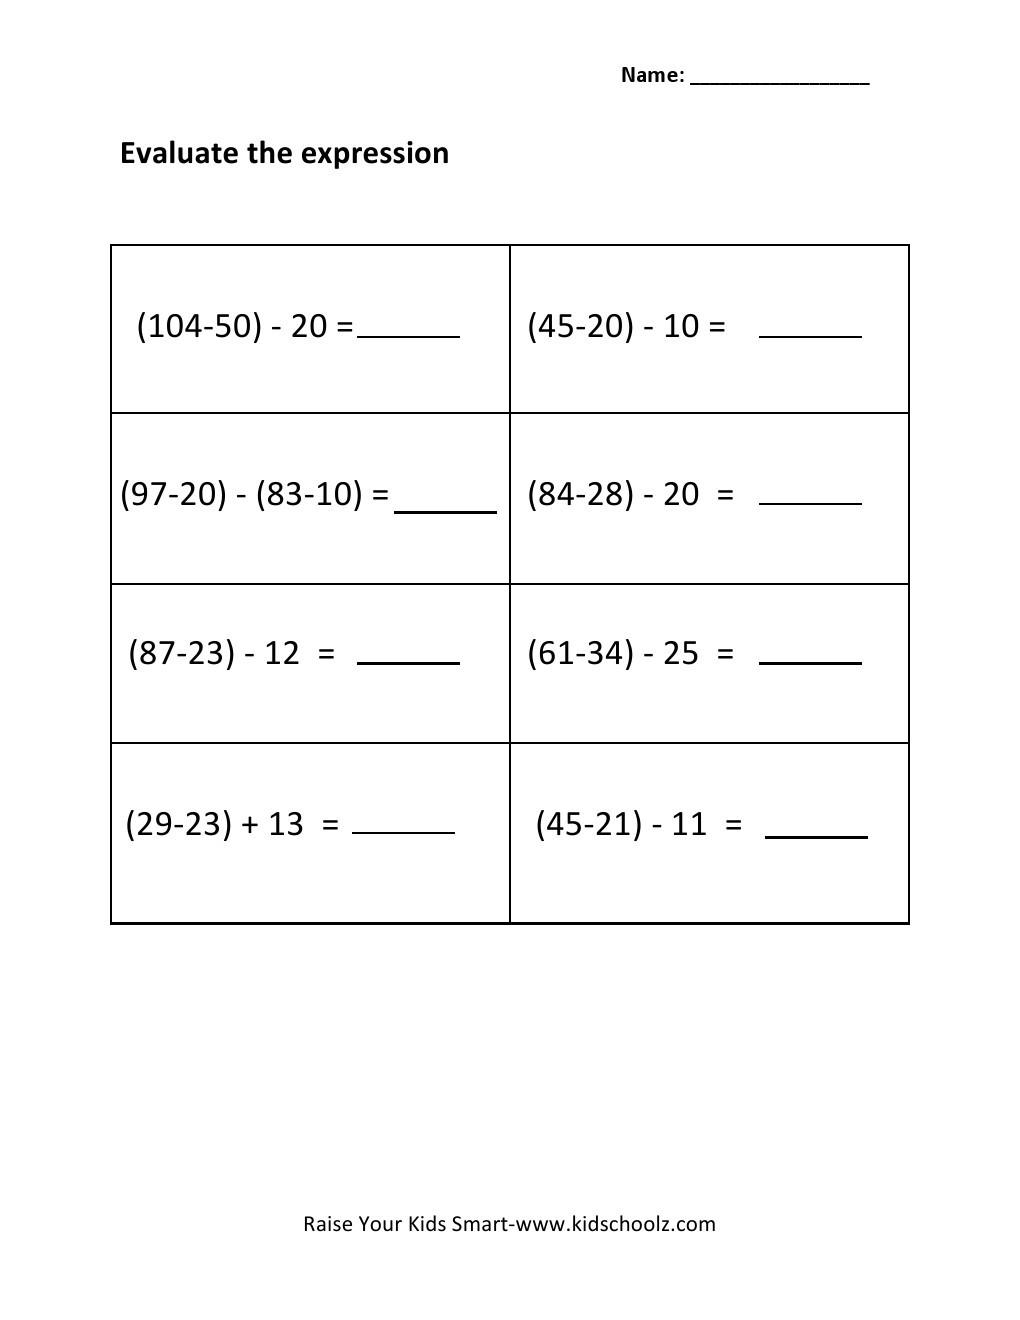 Evaluating Algebraic Expressions Worksheet Grade 3 Evaluating Algebraic Expressions Worksheet 3